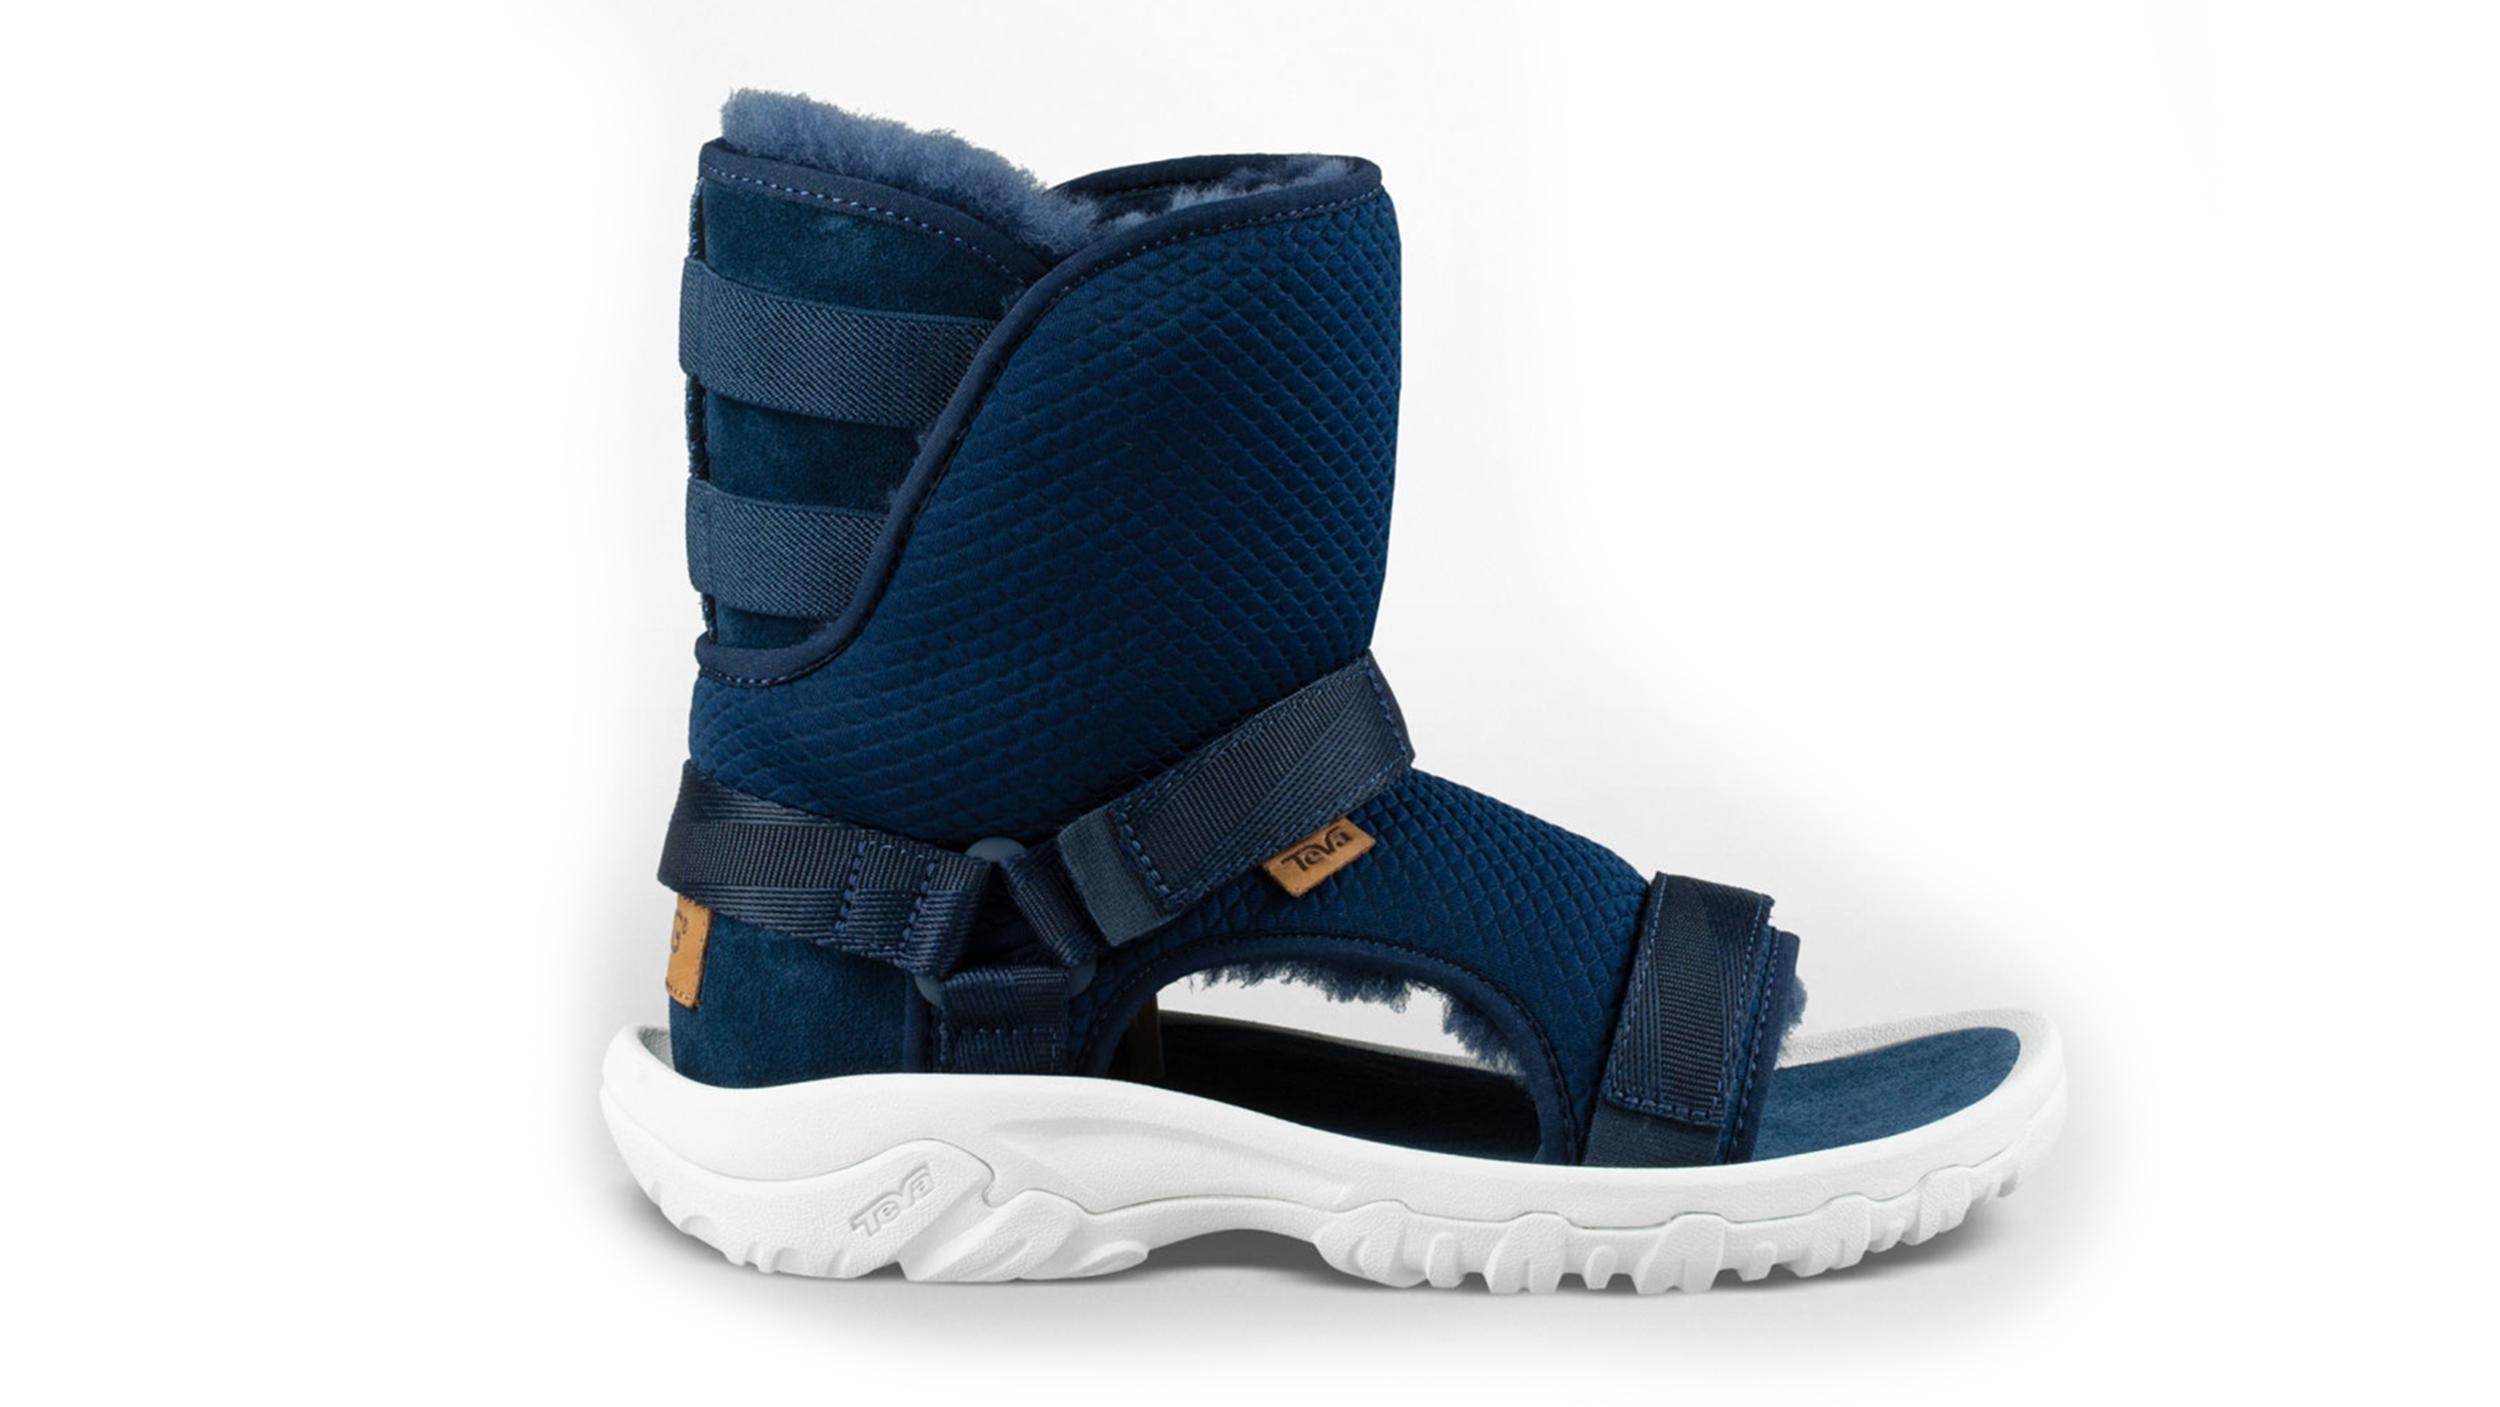 Ugg Teva Sandals